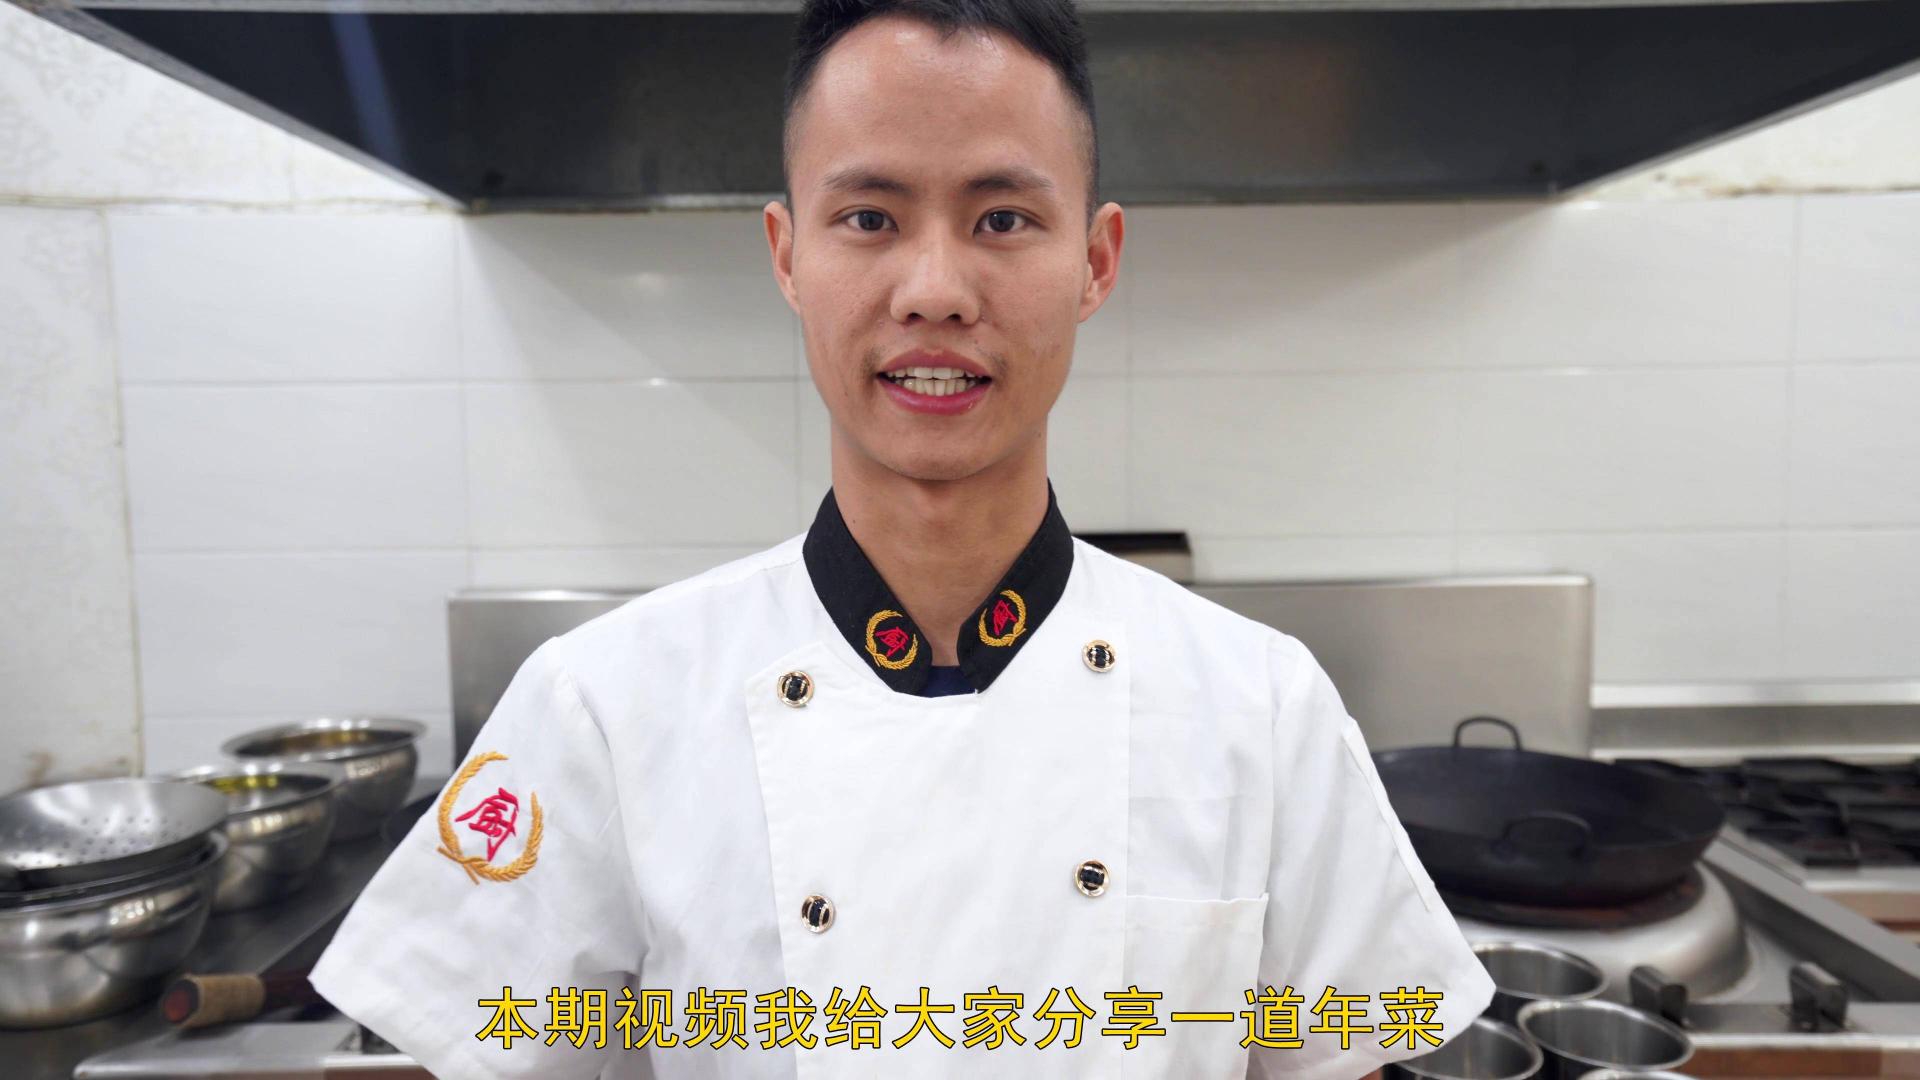 """厨师长教你:""""新年年菜""""做法系列(6),手法家常实用先收藏了"""